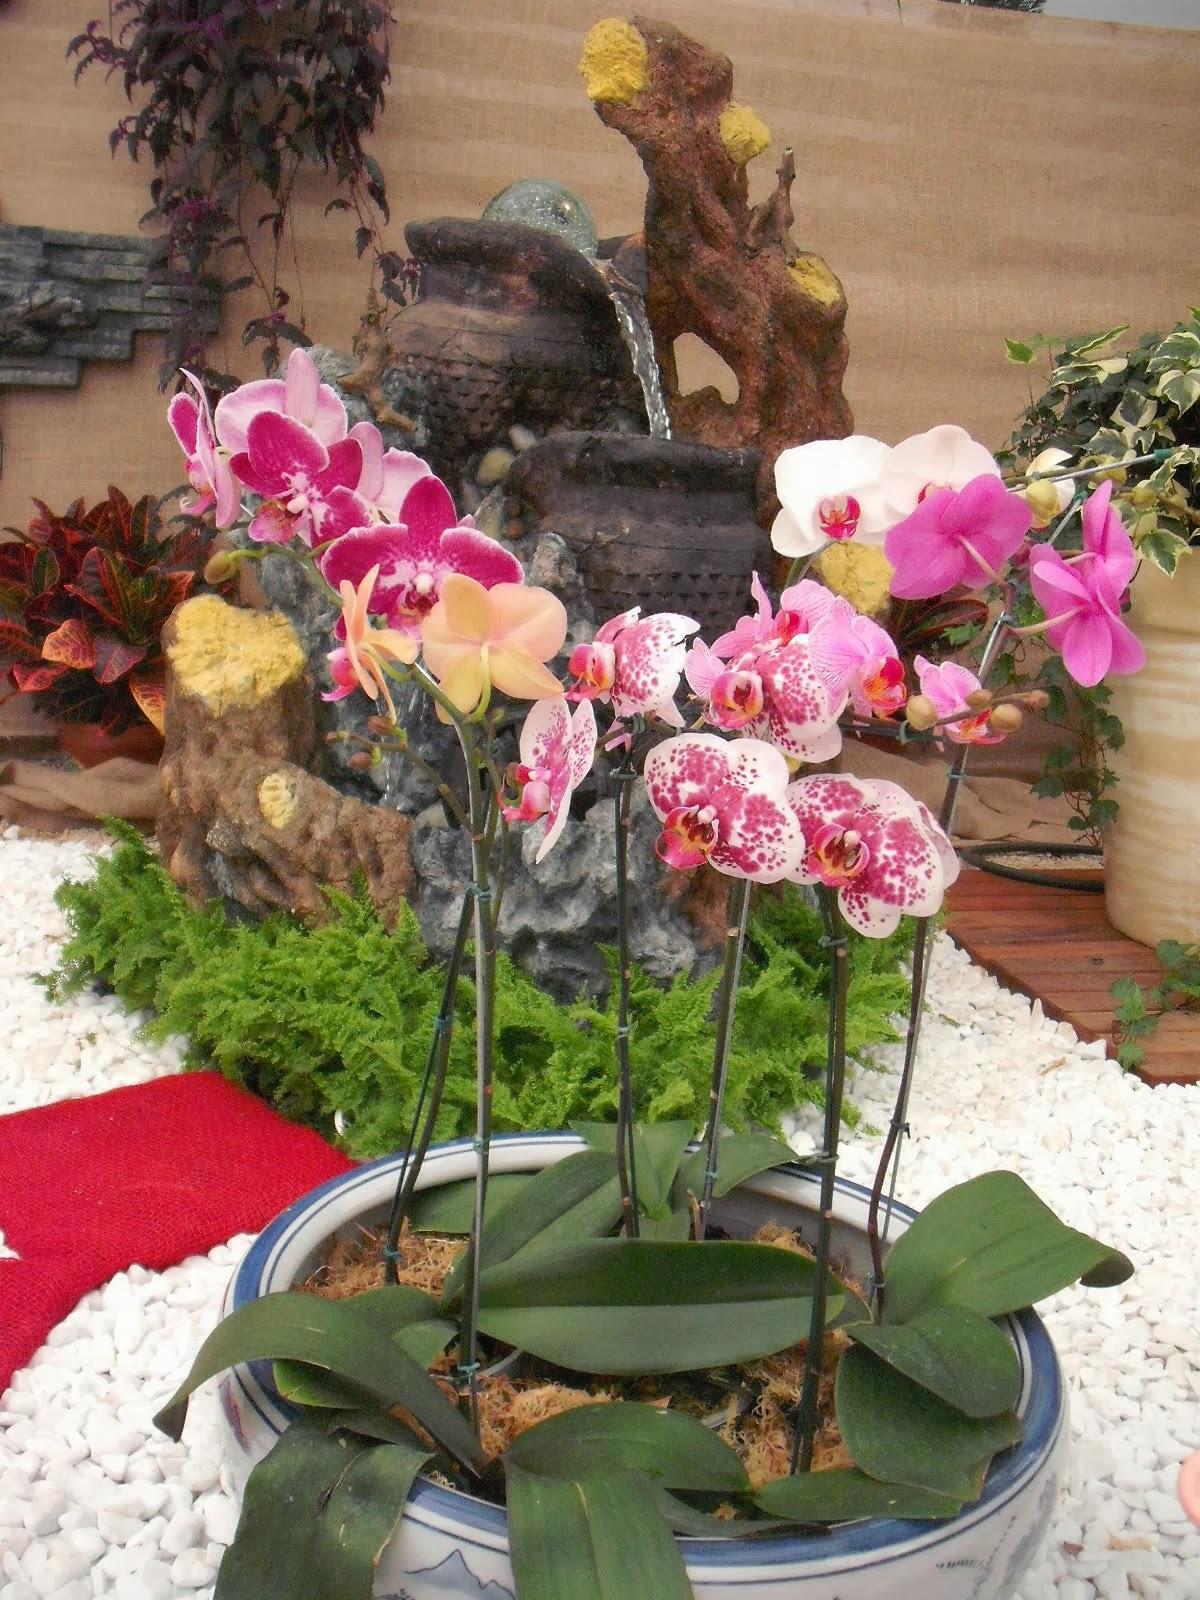 plantas de jardim que gostam de umidade : plantas de jardim que gostam de umidade:As orquídeas phalaenopsis são muito resistentes ao calor e podem